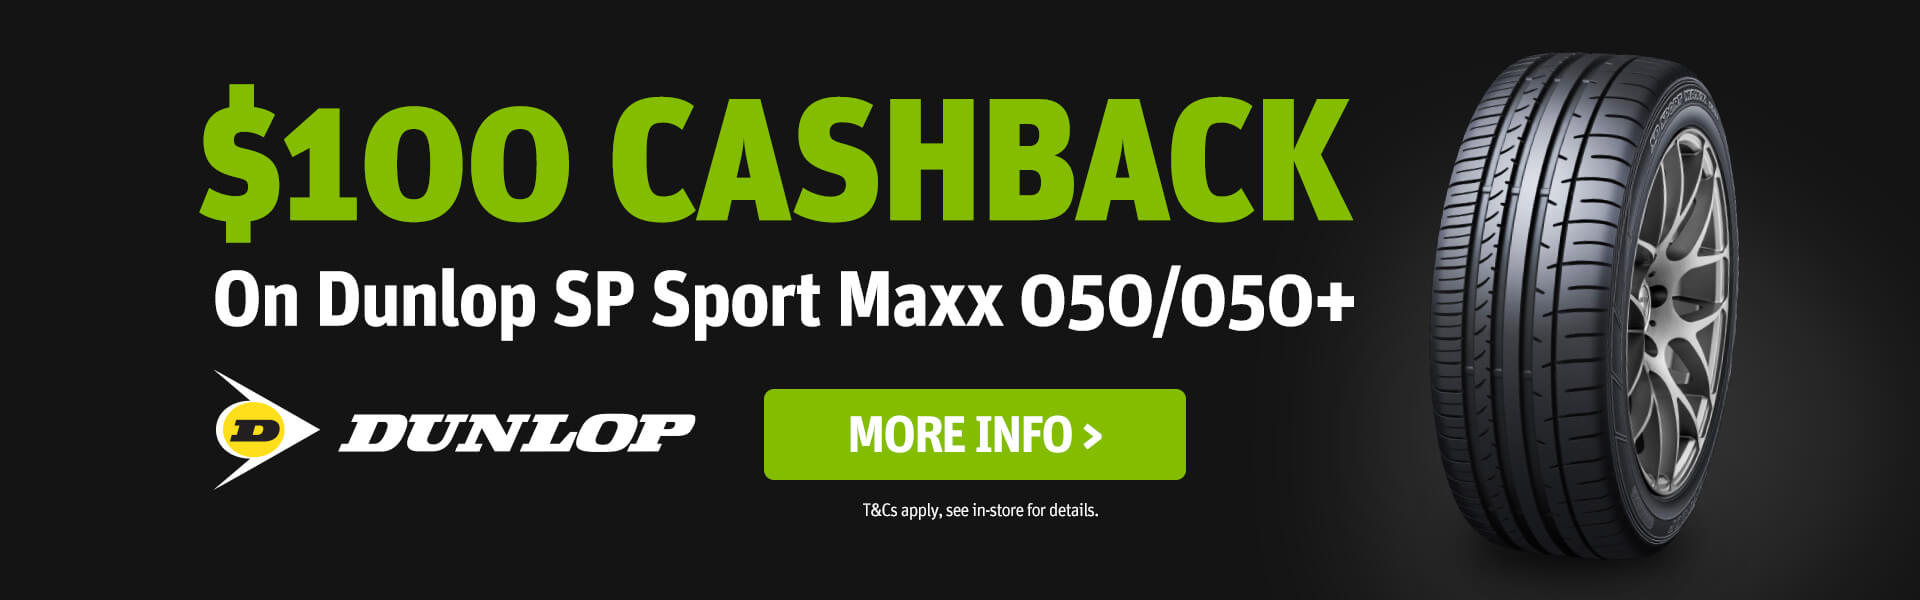 Dunlop SP Sport Maxx 050/050+